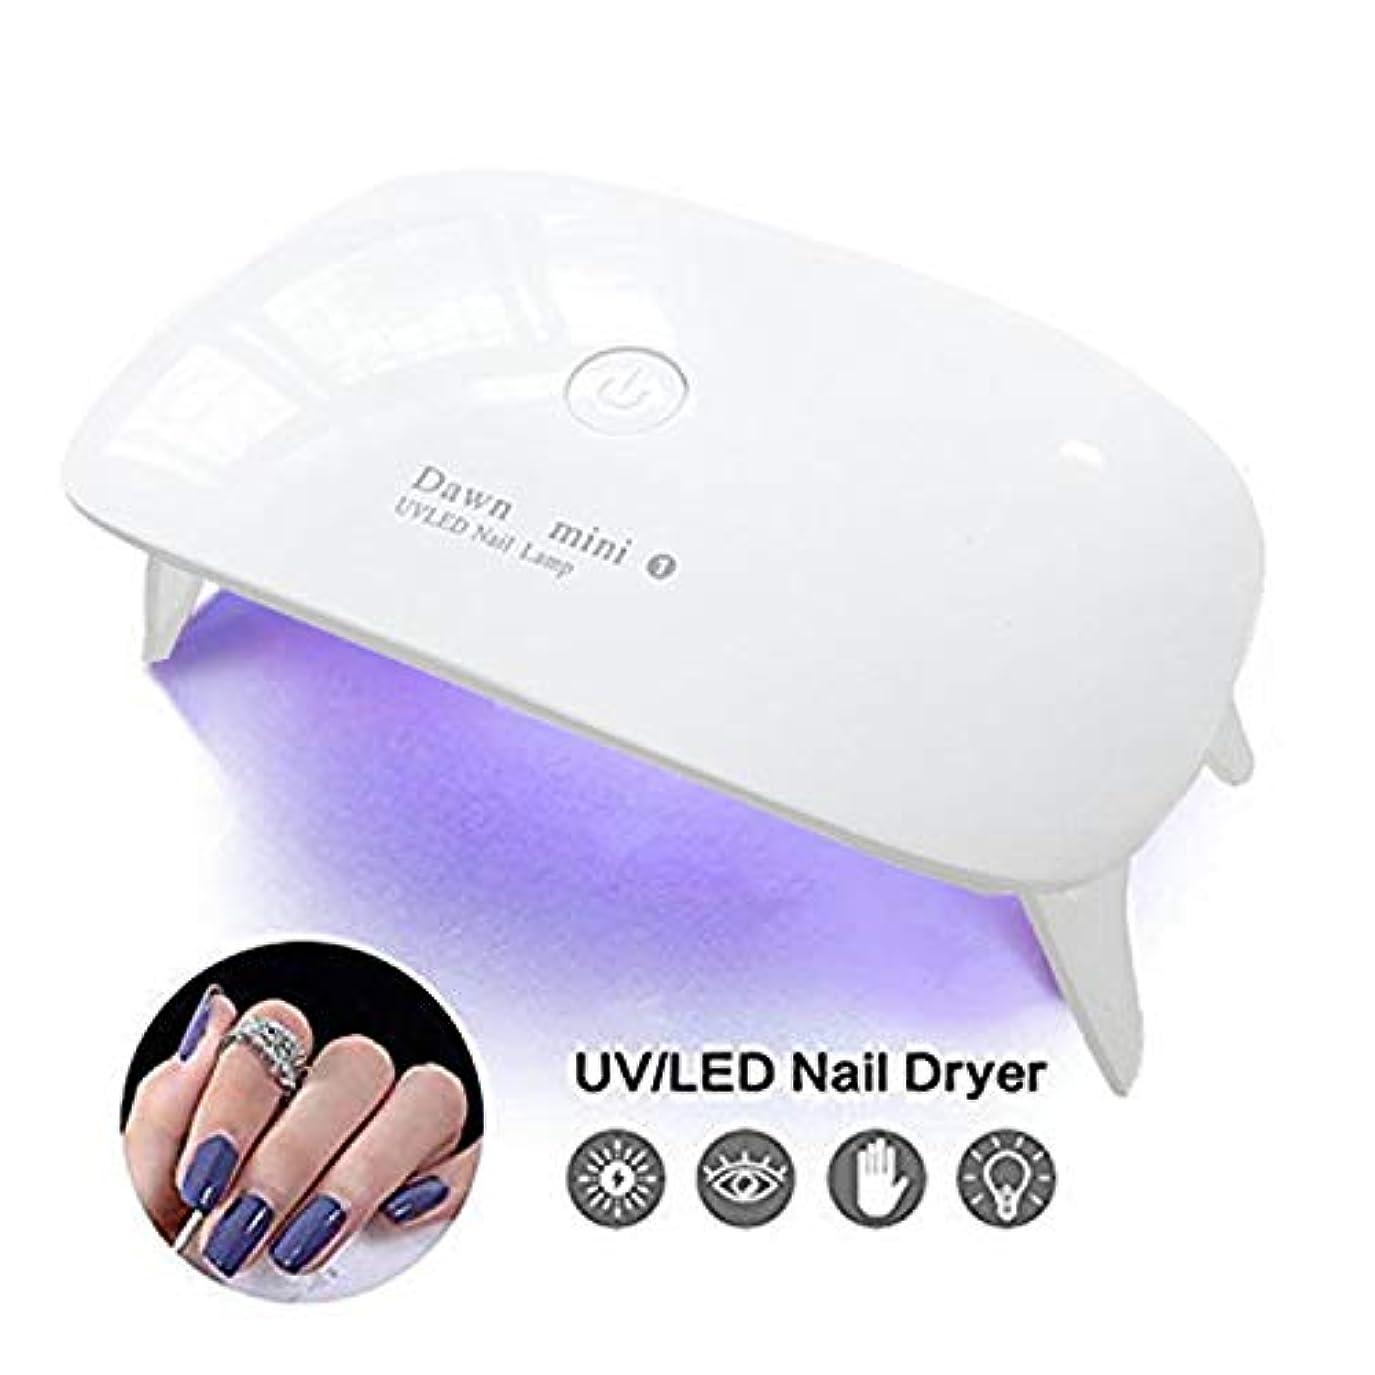 スプリットする必要がある関税UVライト LEDネイルドライヤー ジェルネイルLEDライト 硬化ライト タイマー設定可能 折りたたみ式手足とも使える UV と LEDダブルライト ジェルネイル用 ホワイト 日本語説明書付き